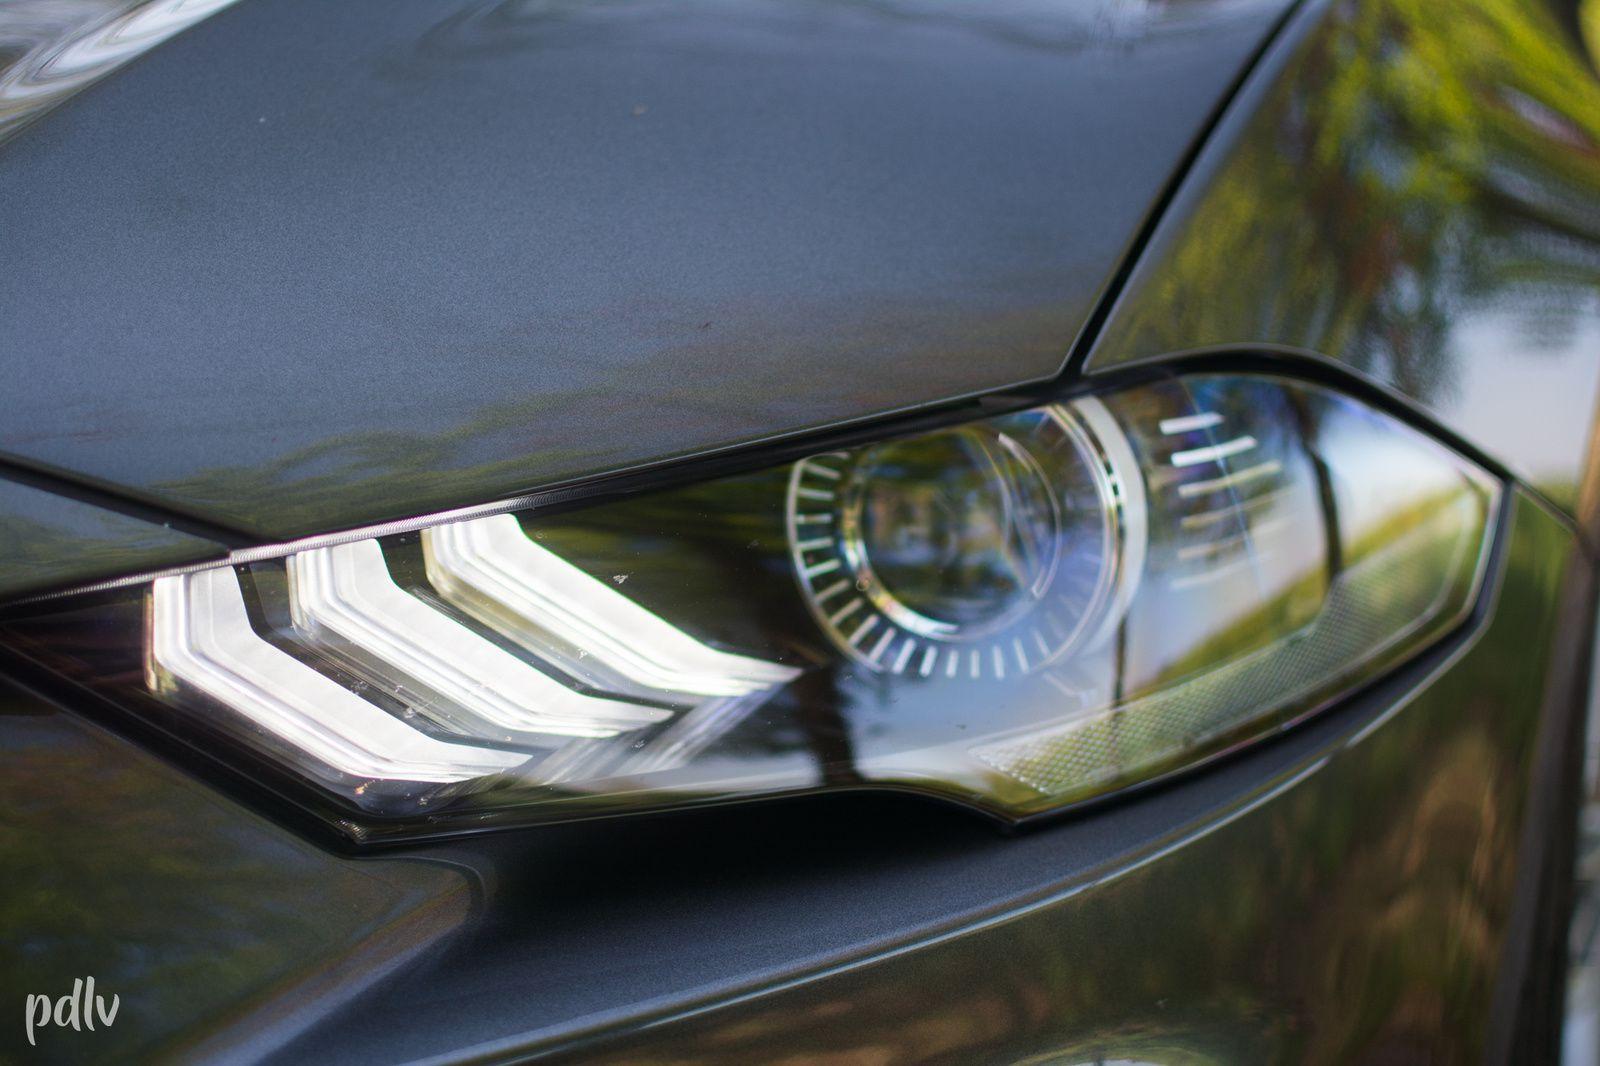 Les nouveaux phares à LED sont très agressifs !